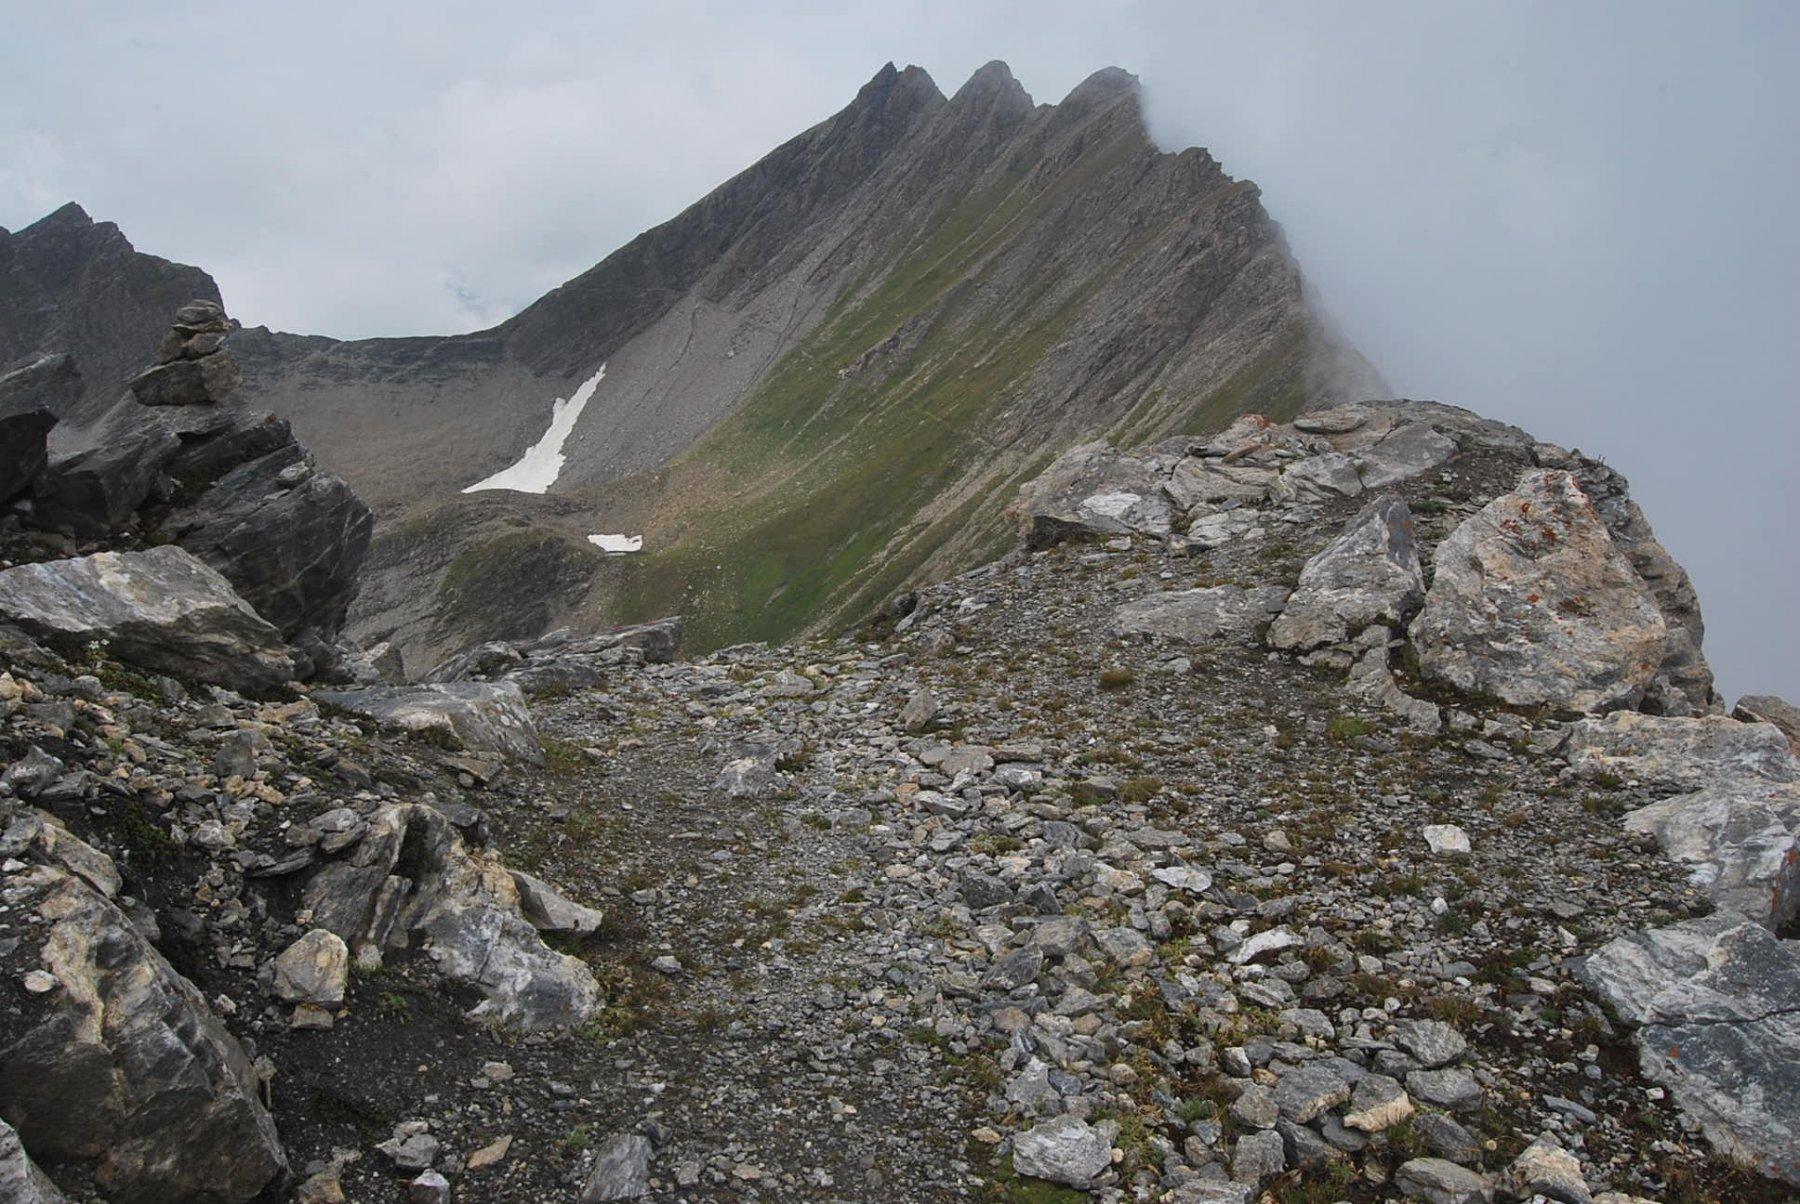 L'arrivo al Col des Charmonts; sullo sfondo ben visibile il Colle del Berrio Blanc ed il sentiero in costa. Questo è stato anche il punto di ritorno